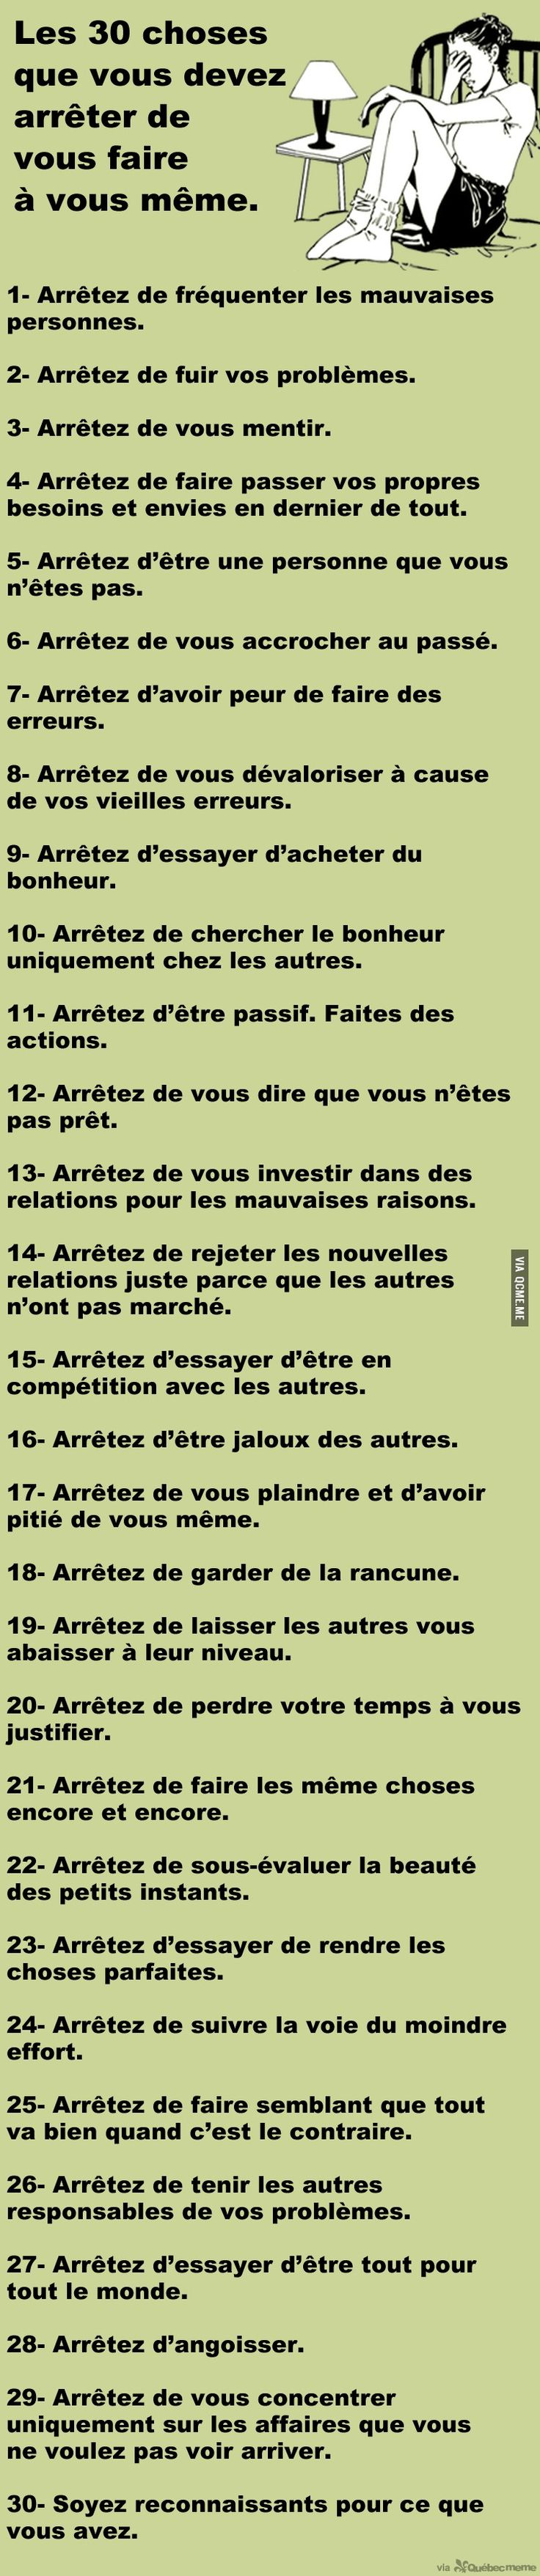 Les 30 choses que vous devez arrêter de vous faire à vous même – Québec Meme +